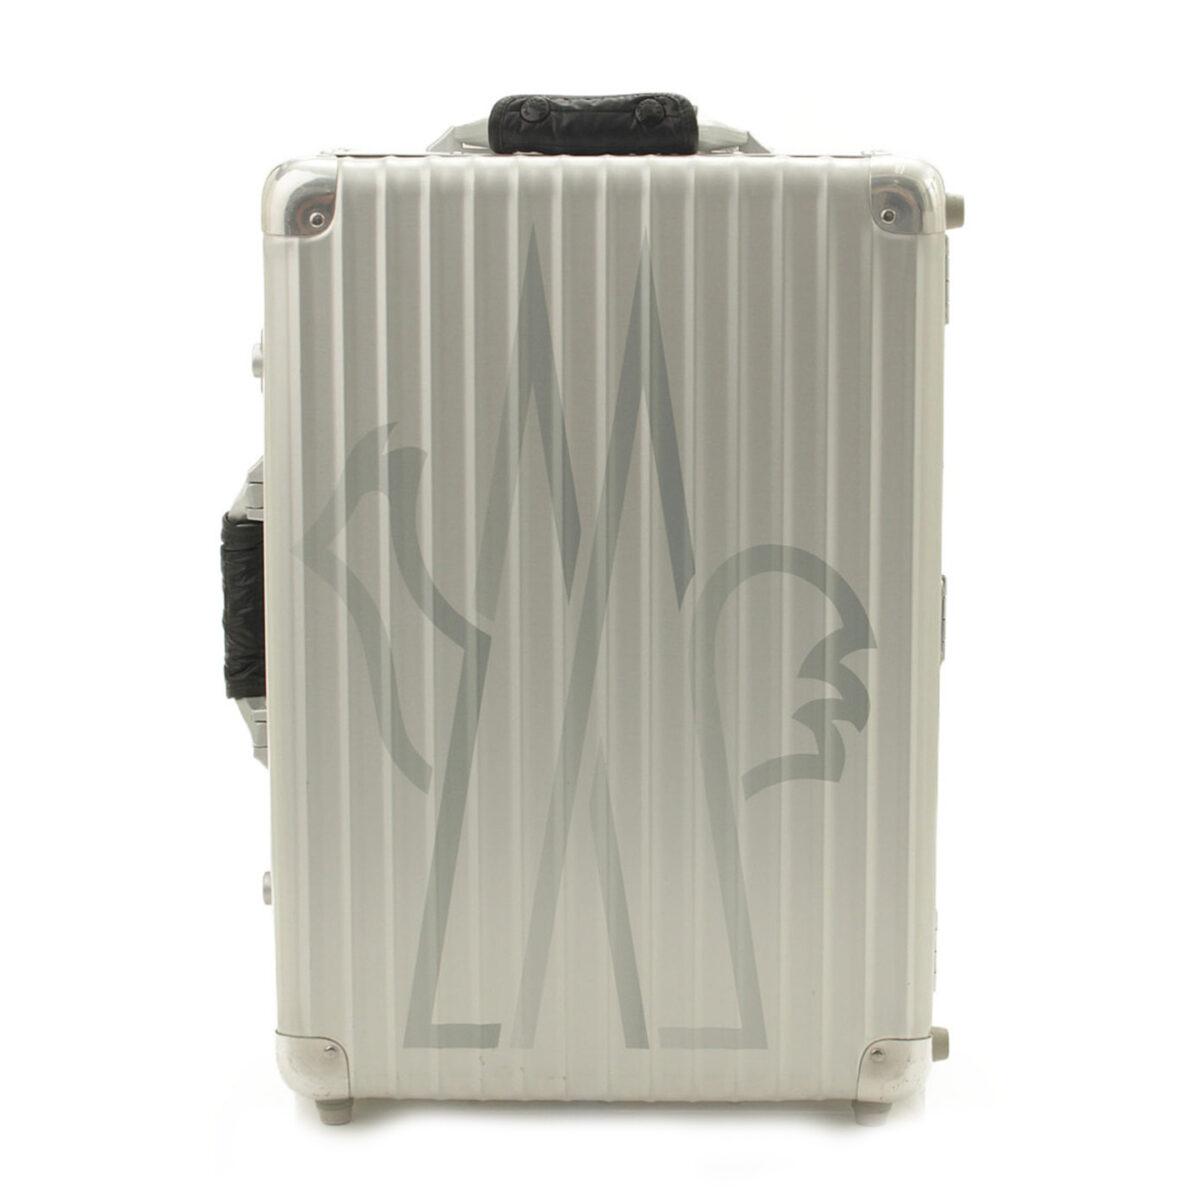 リモワ 2011年 青山店限定 モンクレールコラボ GO ON HOLIDAY スーツケース キャリーバッグ シルバー 35L